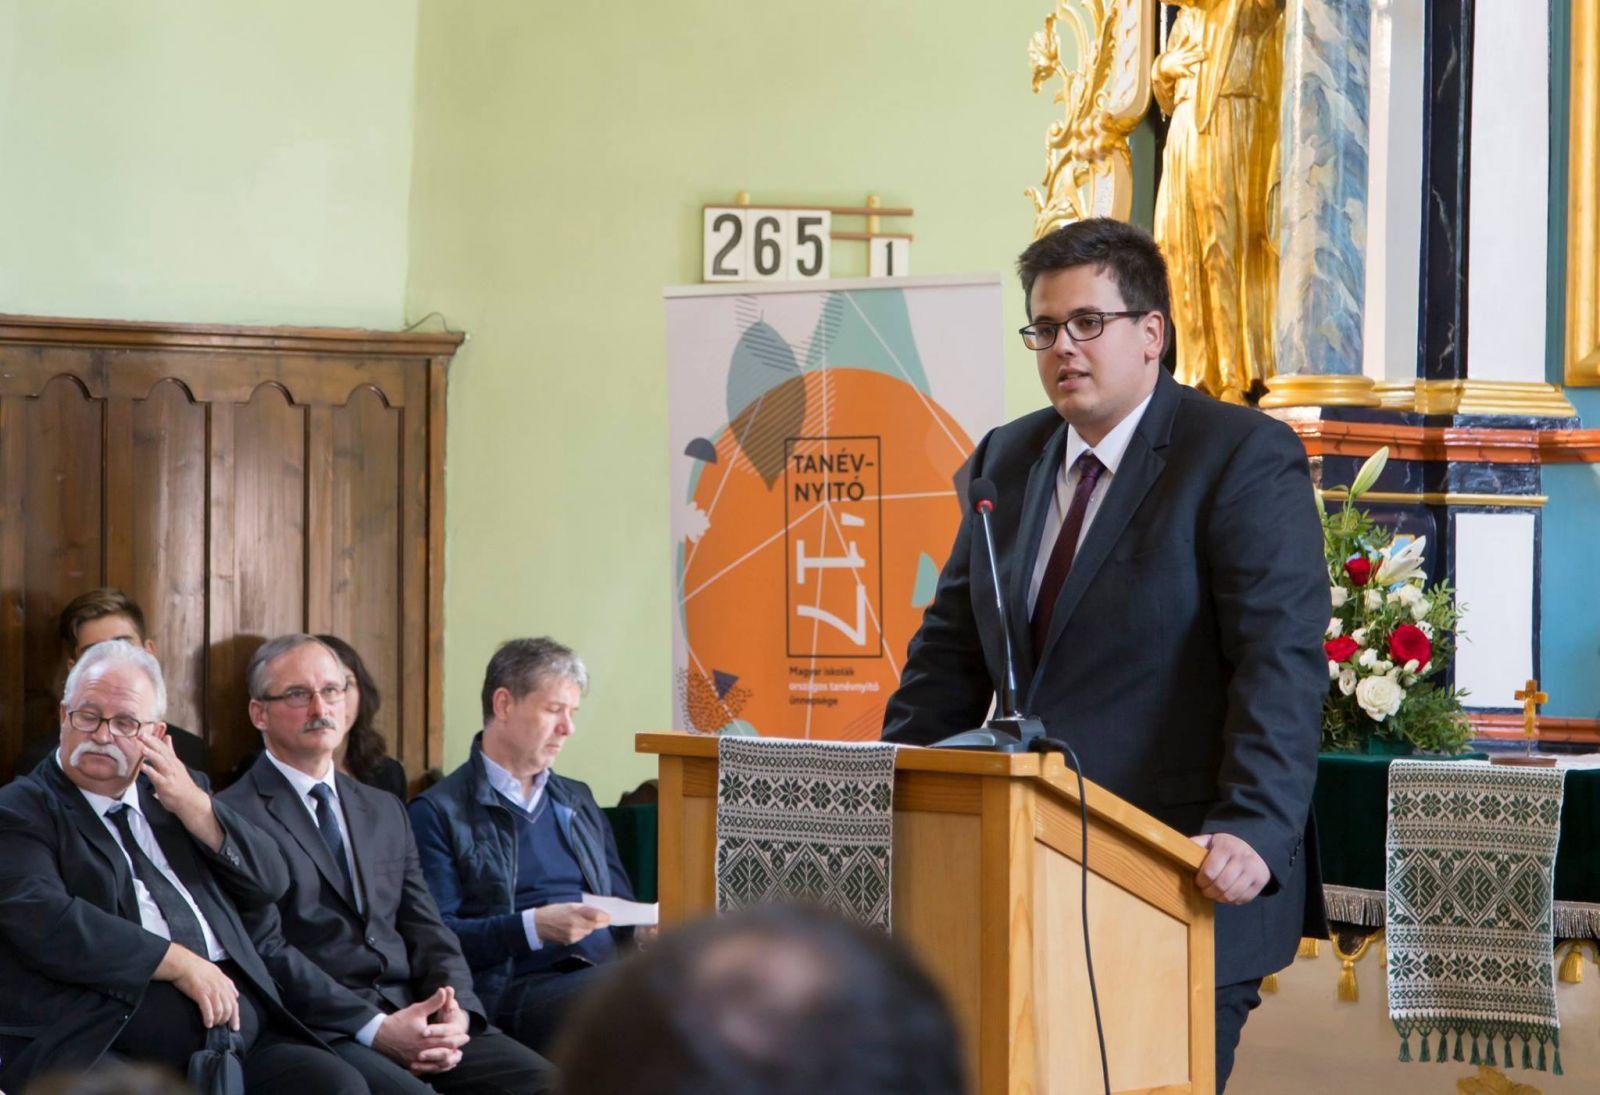 Bukur Tamás a Romániai Magyar Pedagógusok Szövetsége által szervezett Magyar iskolák országos tanévnyitó ünnepségén, Brassóban, 2017 szeptemberében   Fotó forrása: Facebook